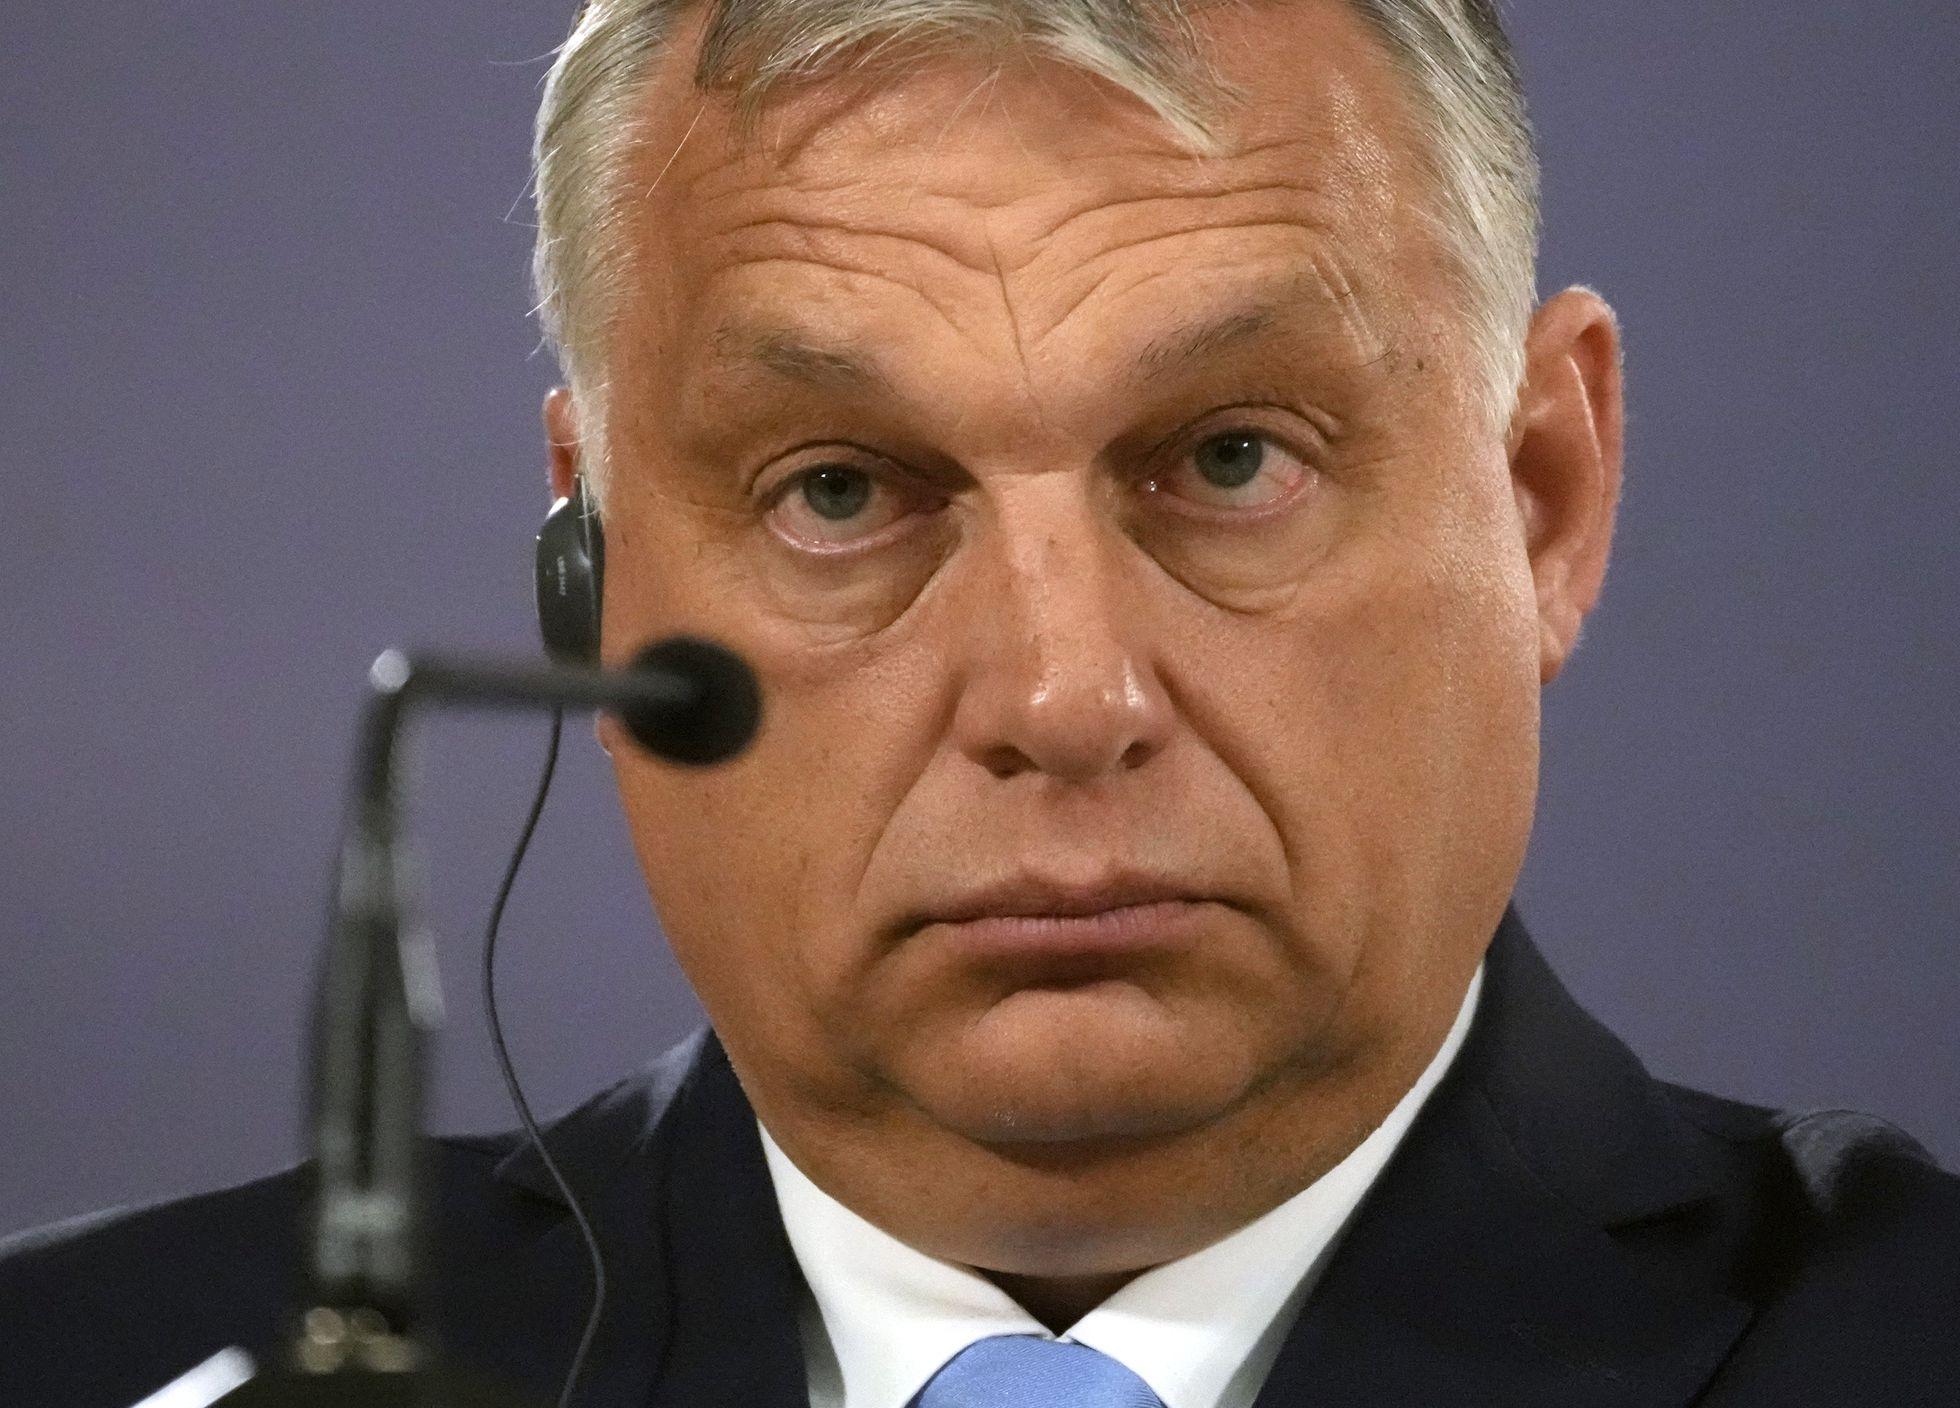 El primer ministro húngaro, Viktor Orbán, durante una rueda de prensa en Belgrado, Serbia, el 8 de julio.